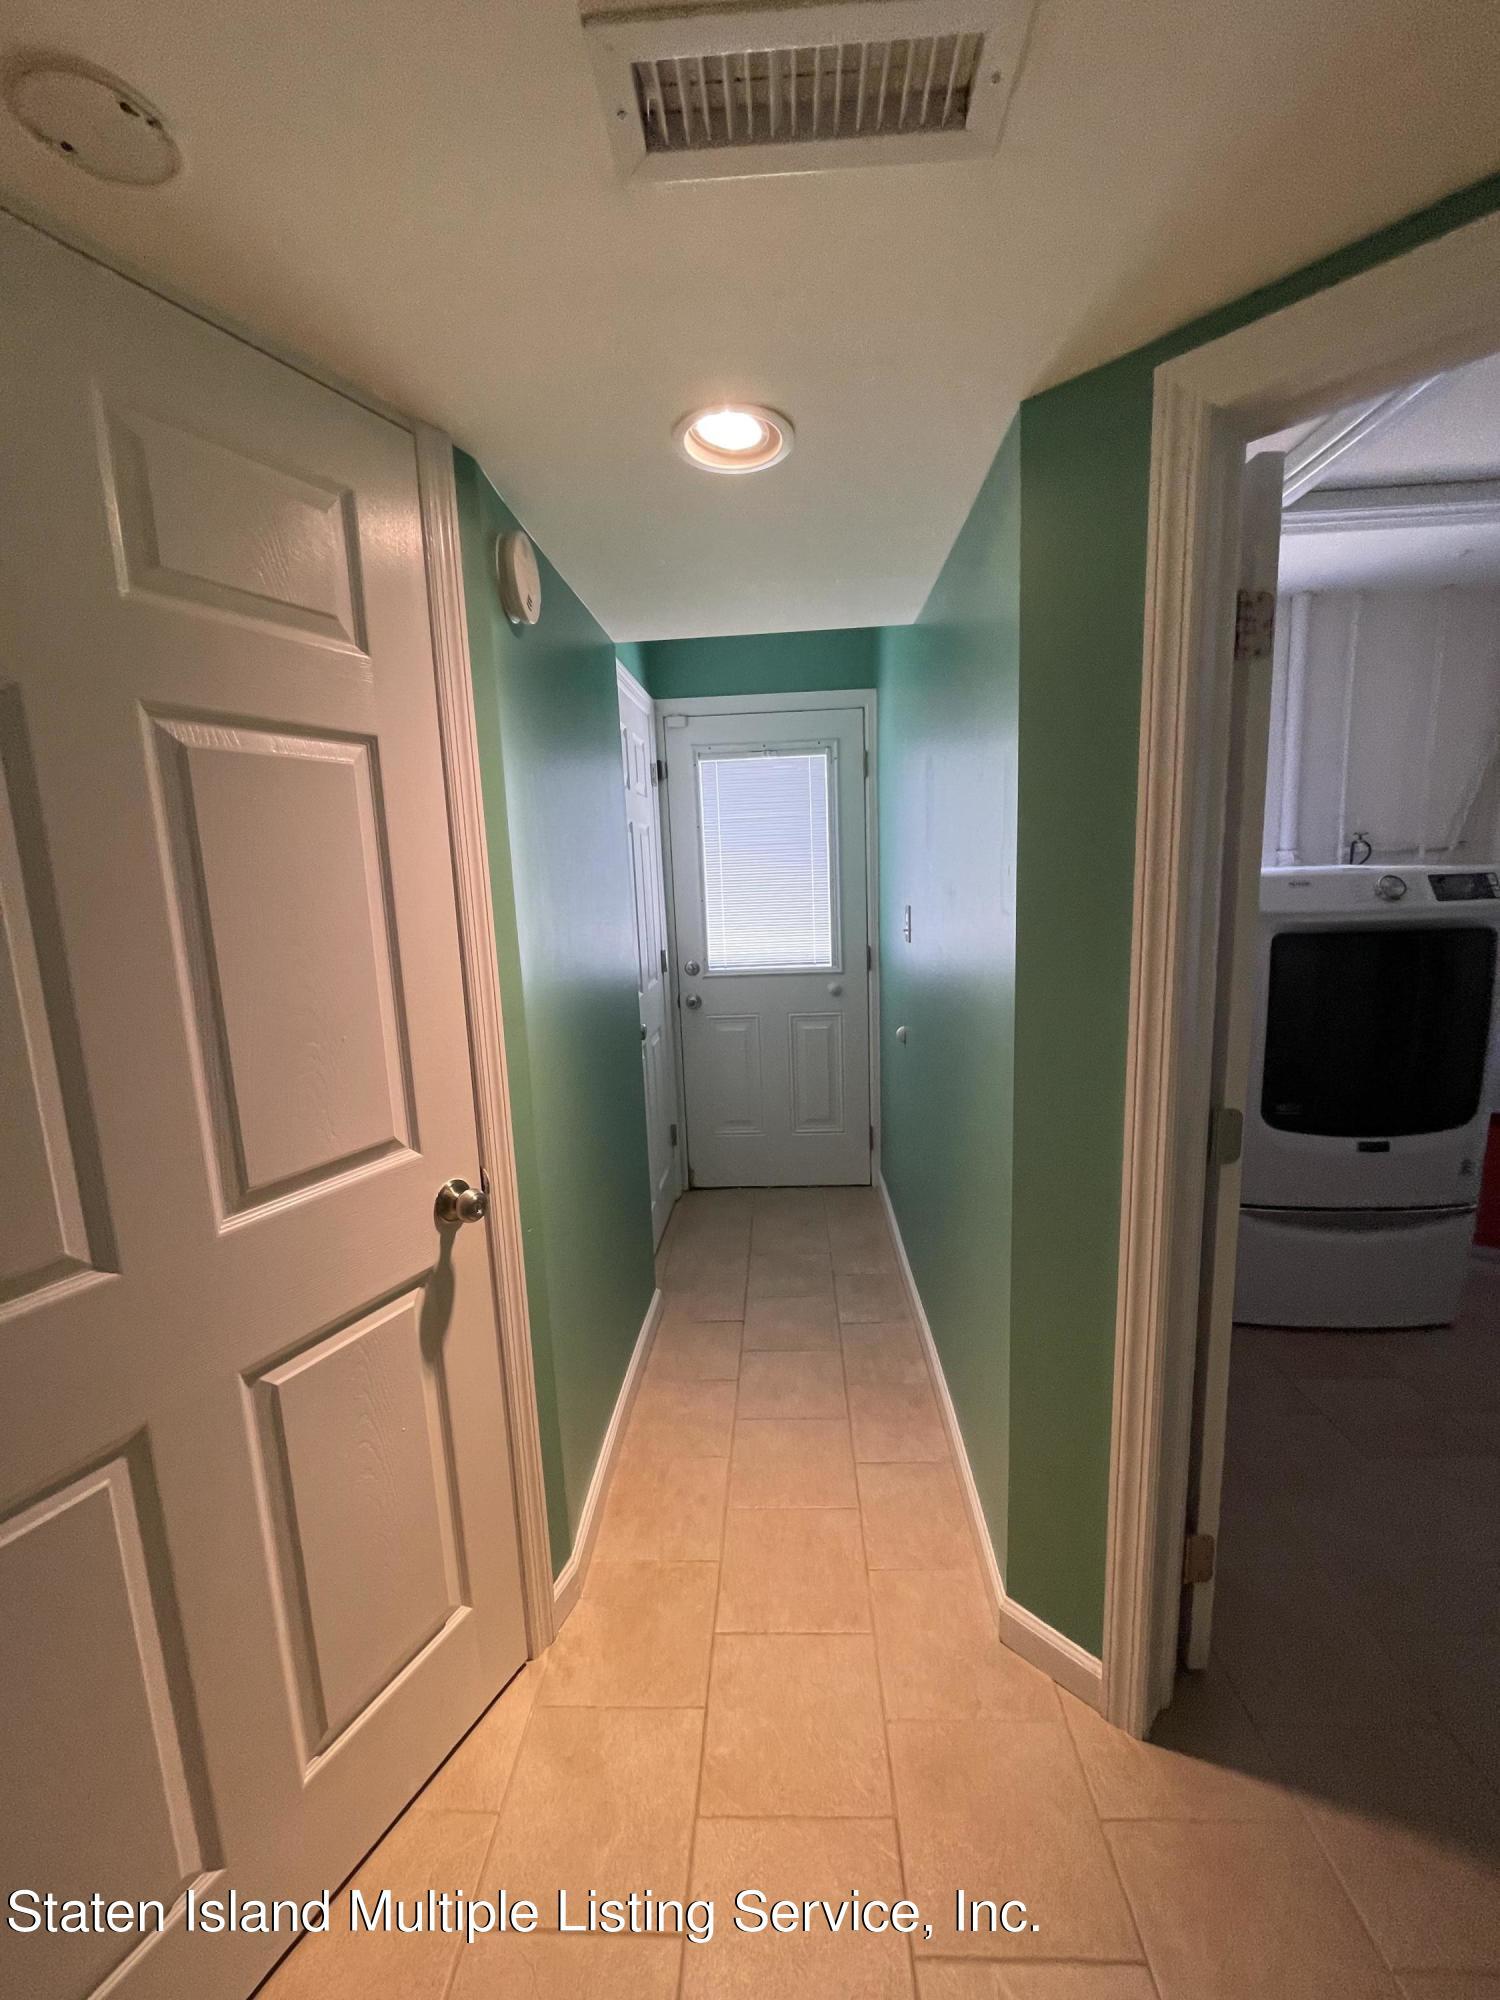 Single Family - Detached 21 Hawley Avenue  Staten Island, NY 10312, MLS-1146738-27